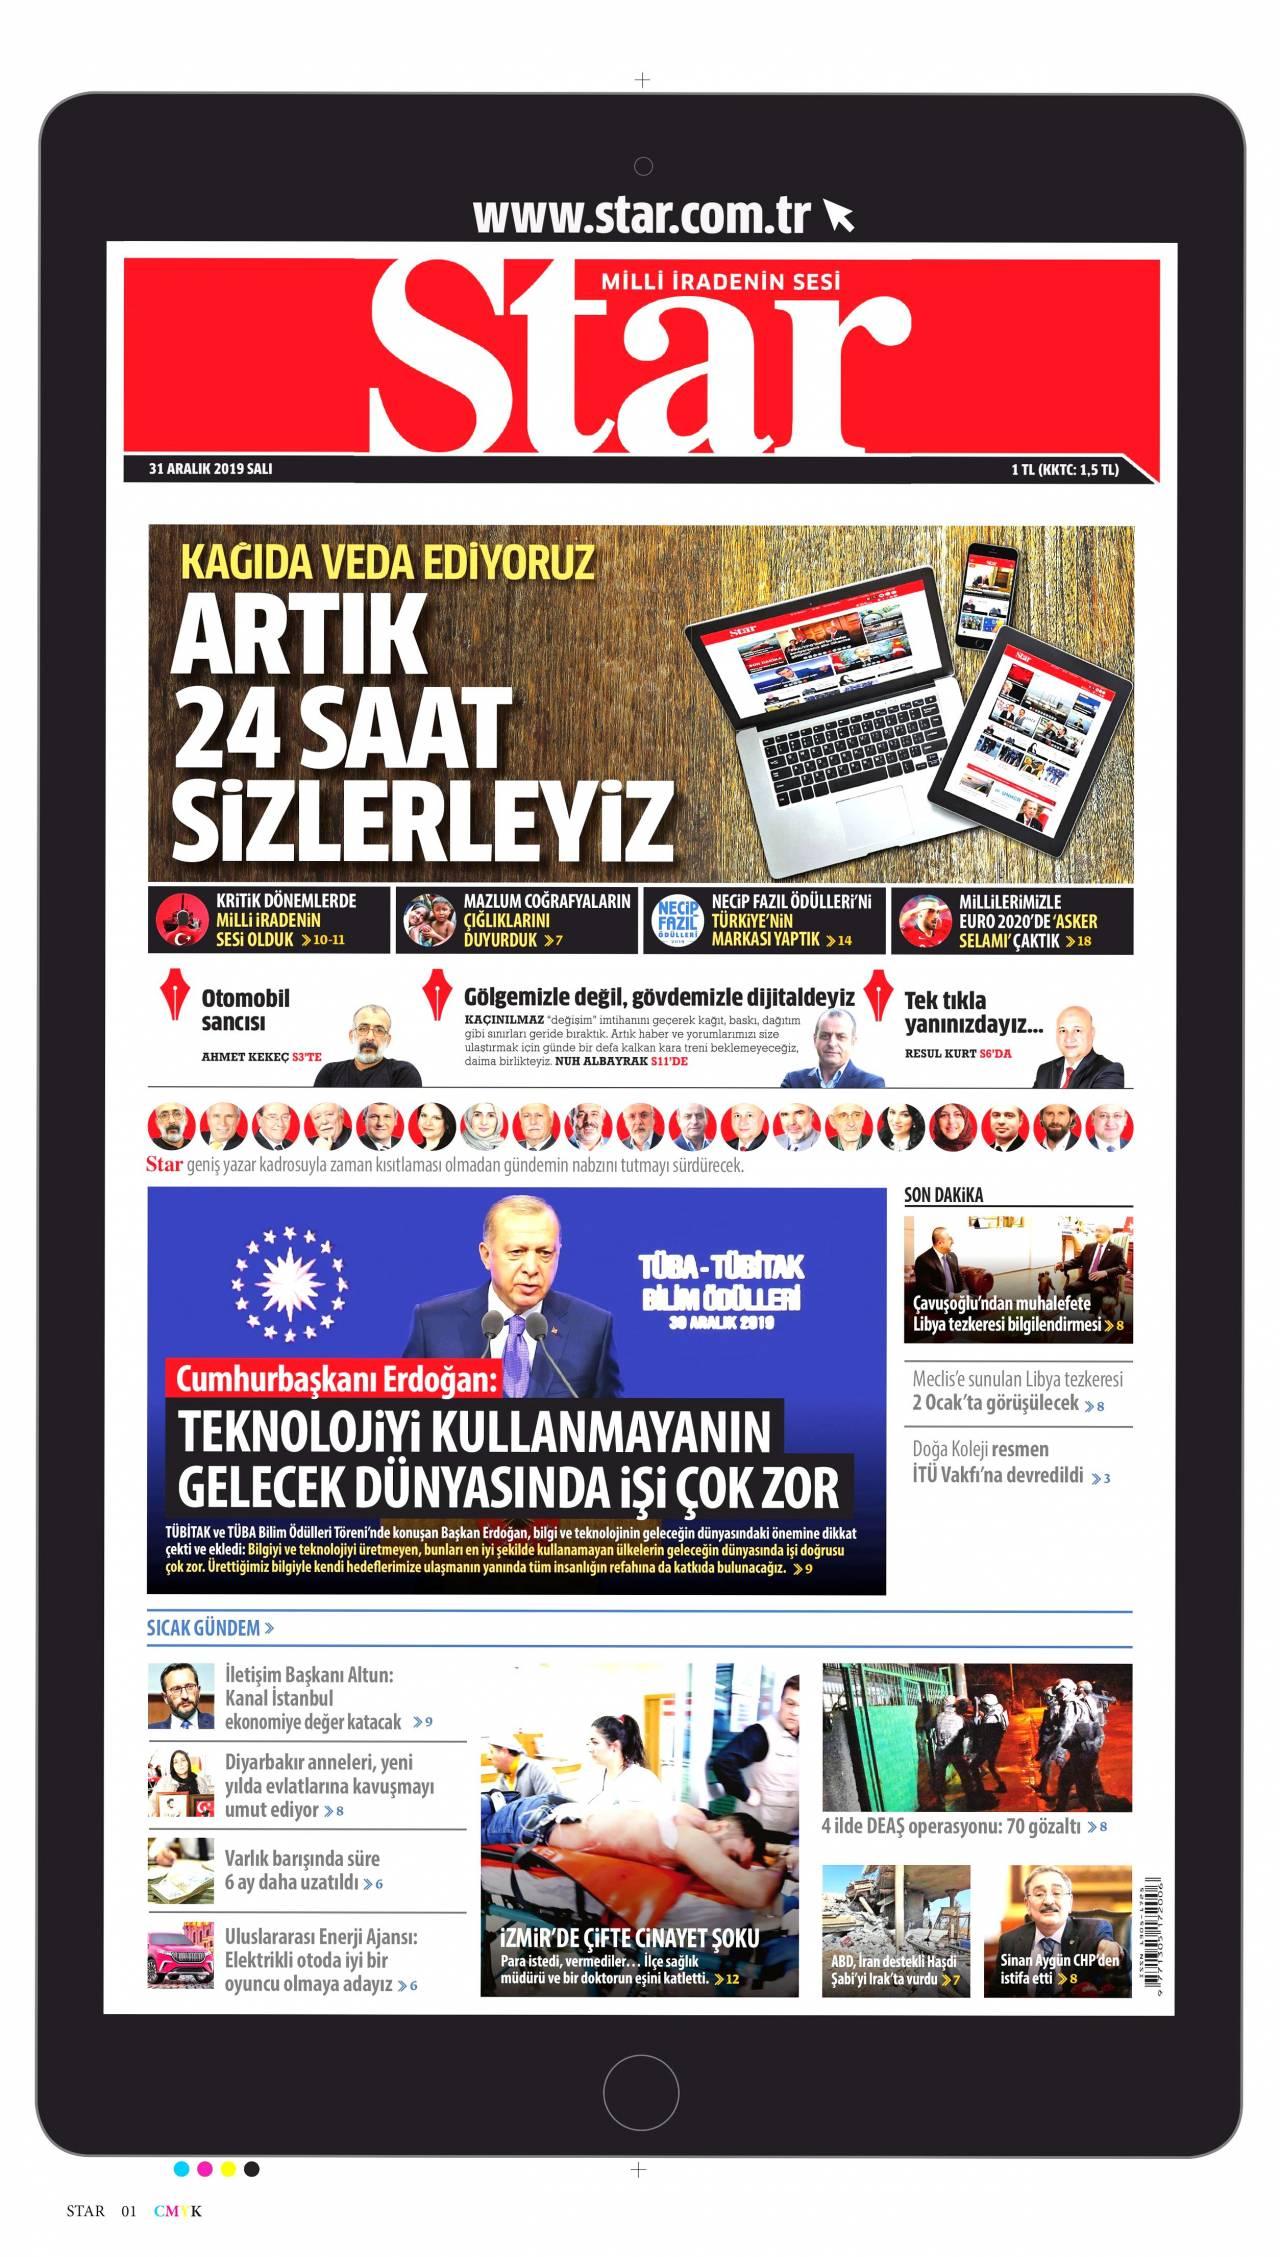 17.12.2017 tarihli Star gazetesinin 1. sayfası